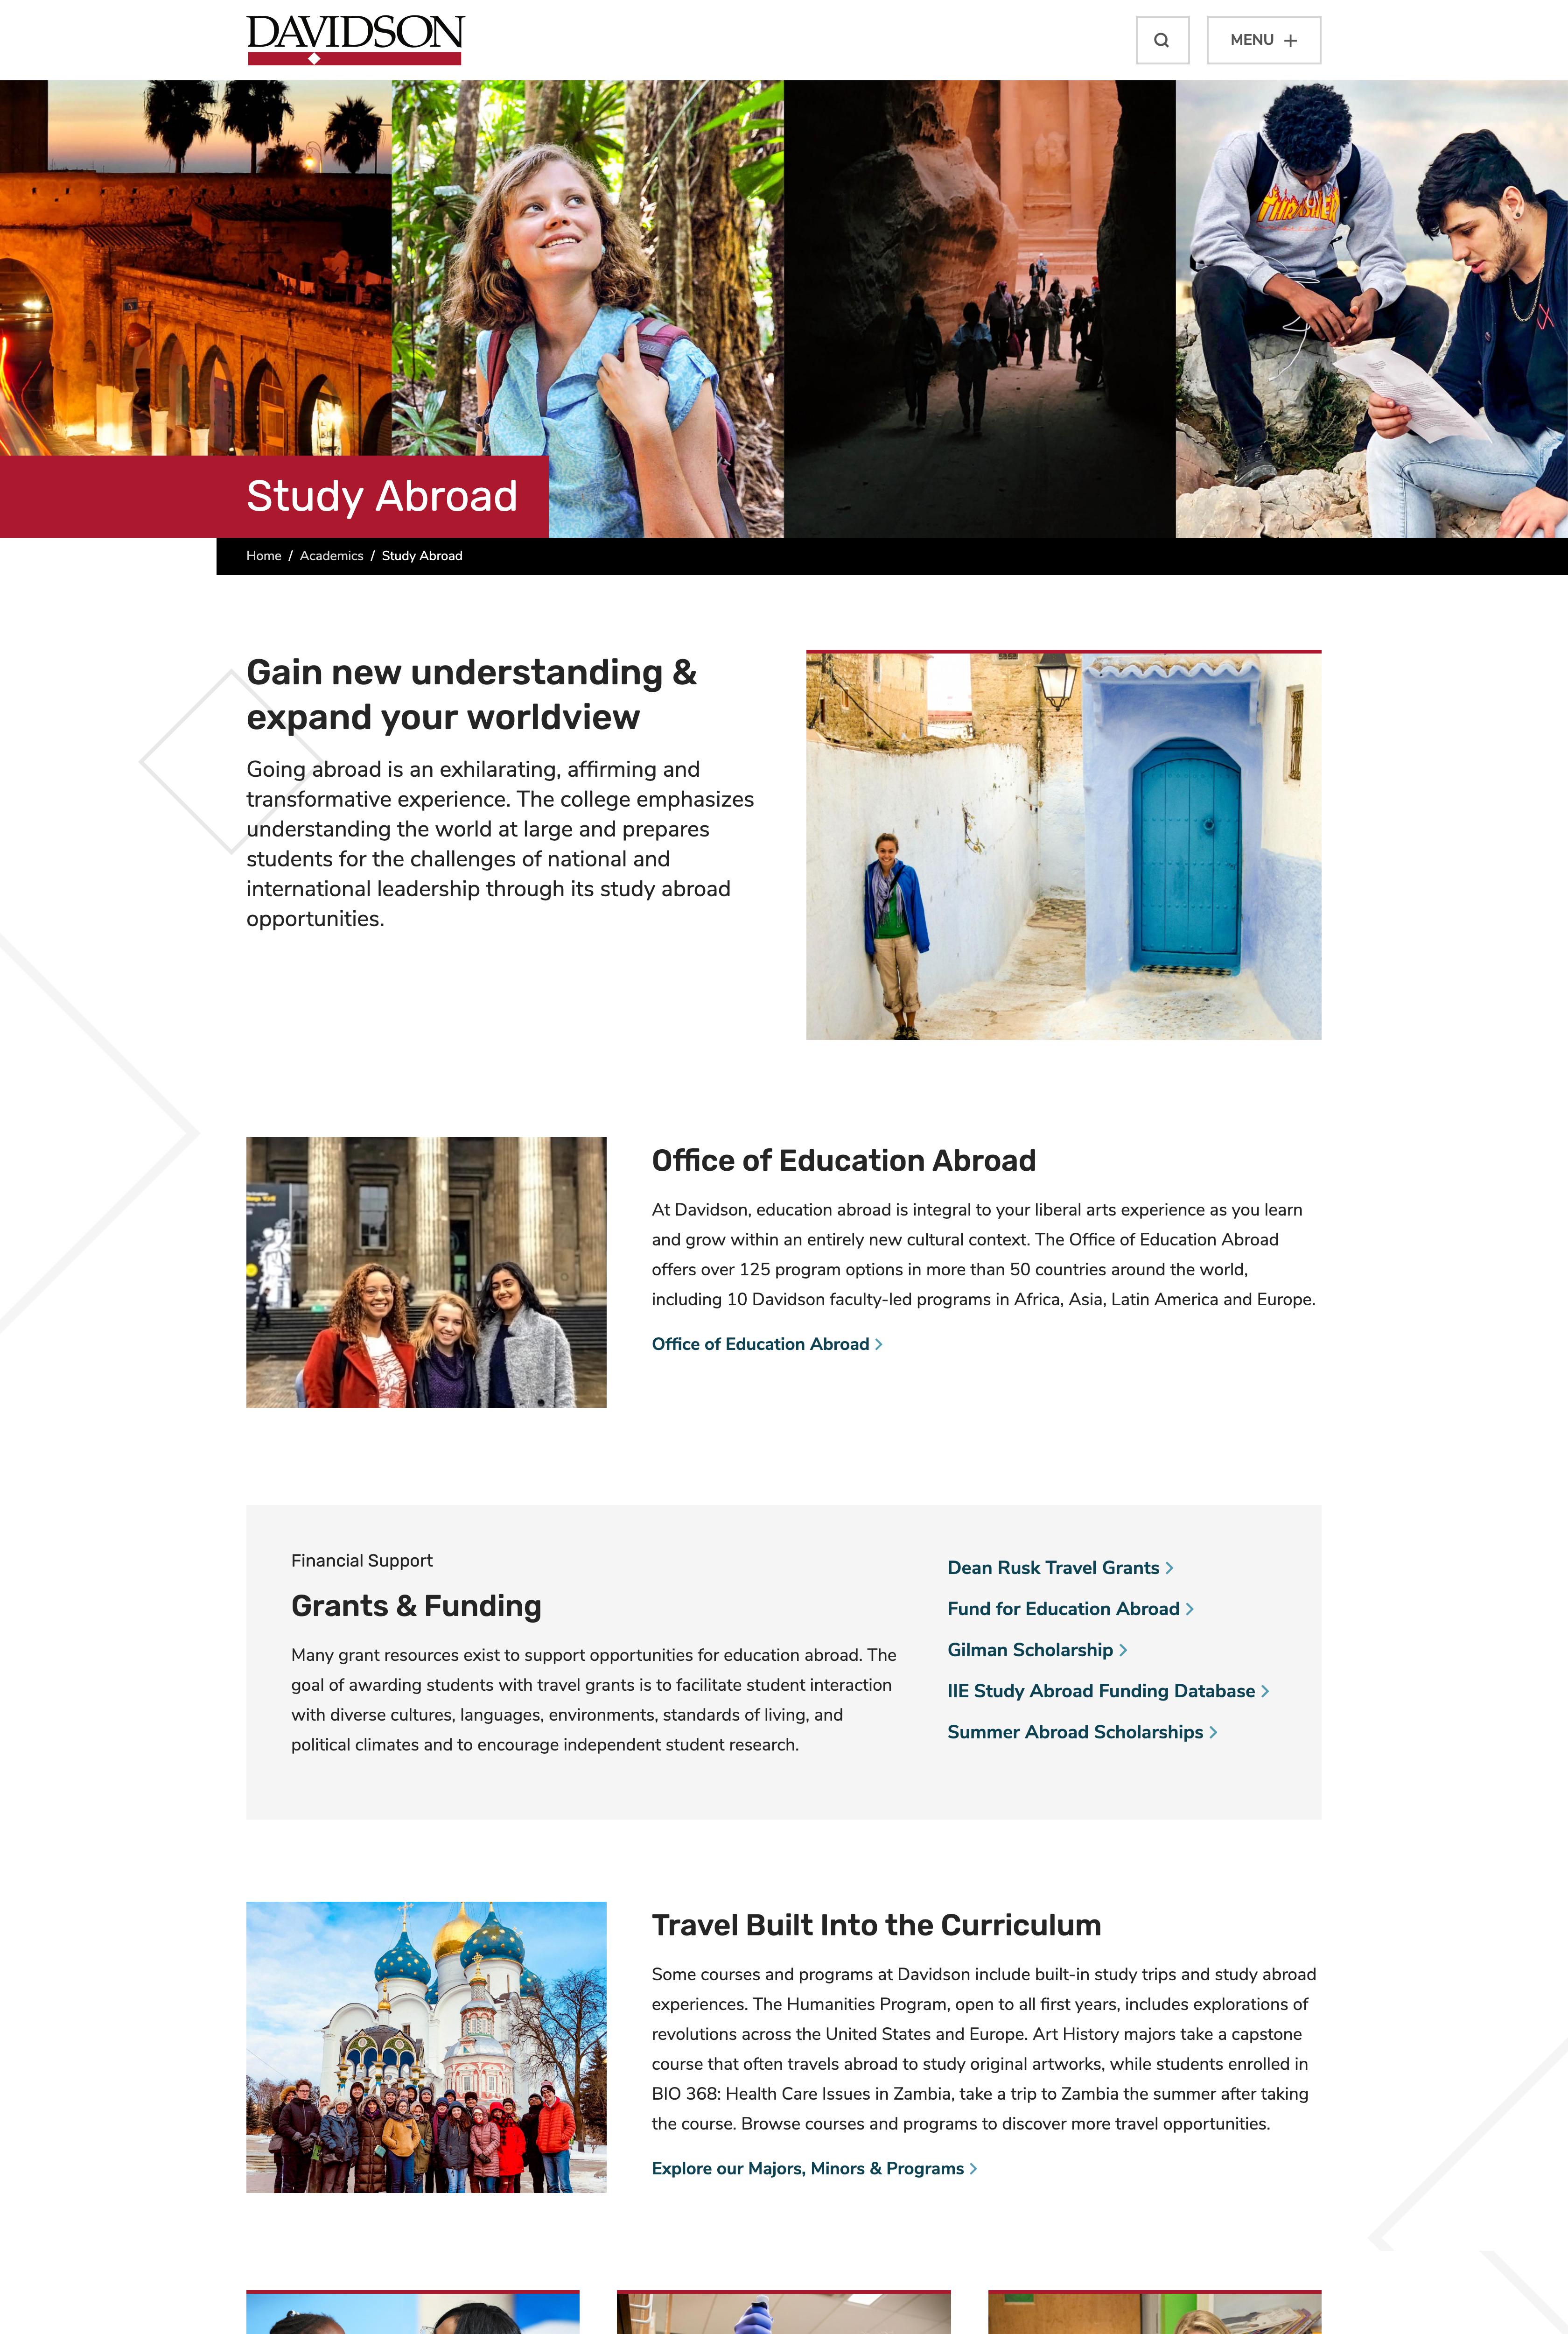 Screenshot of Study Abroad page on Davidson.edu